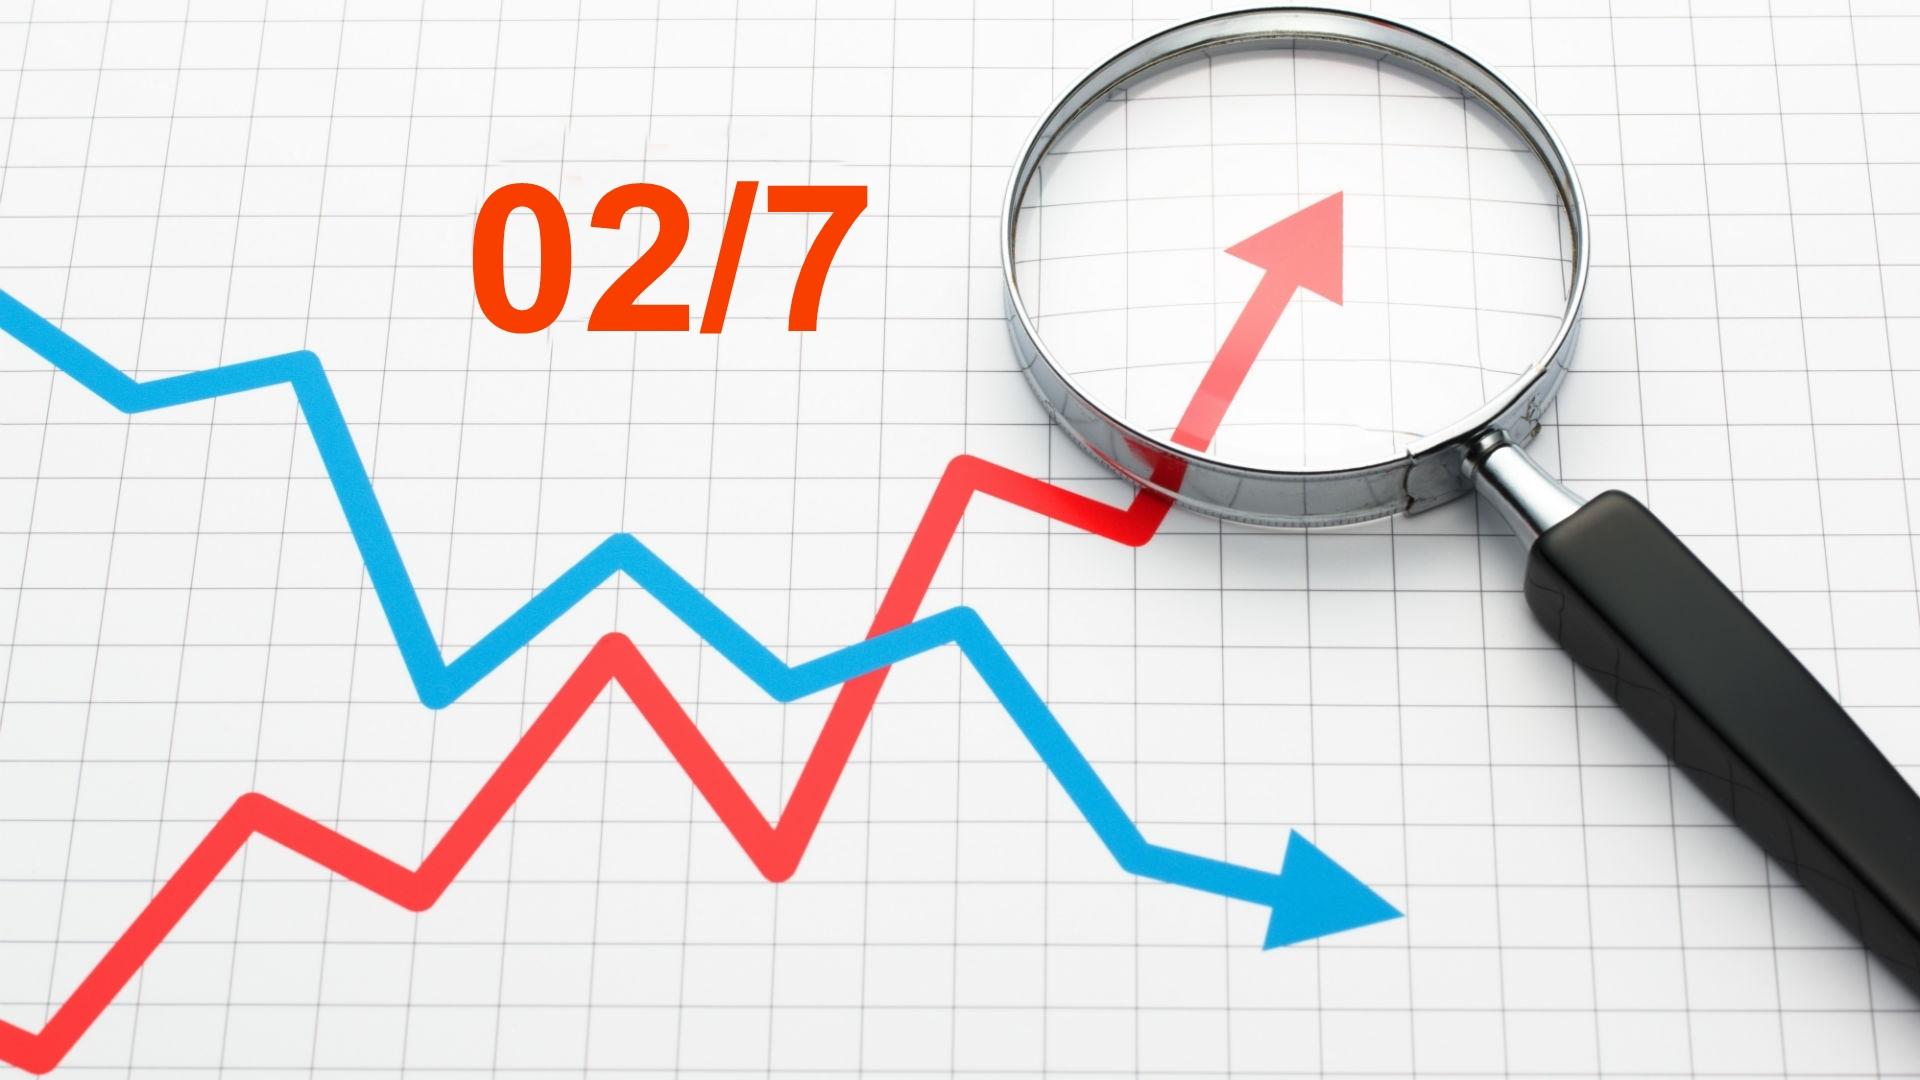 Dự báo giá 02/7, thị trường vàng, Dow Jones, Sp500